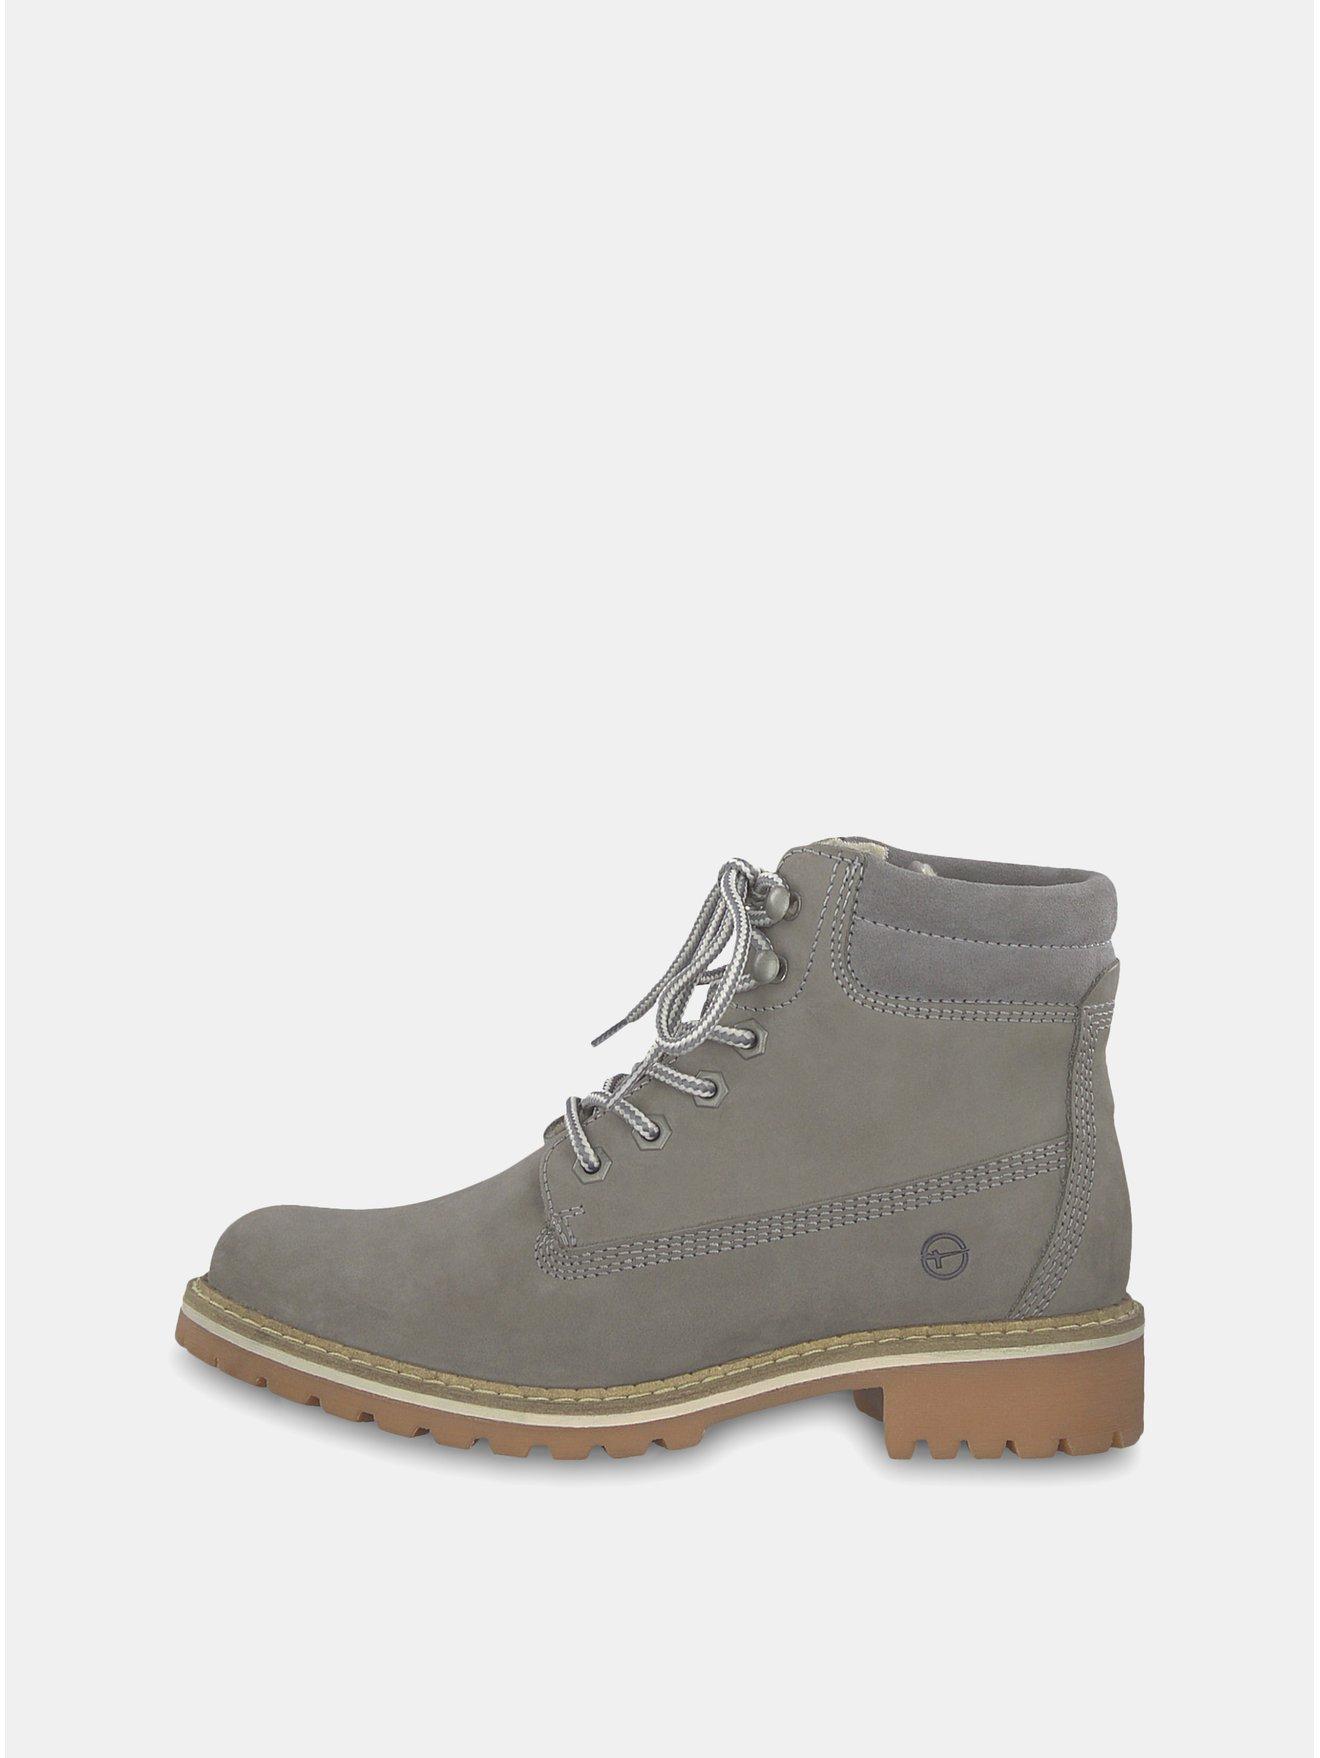 aead76eb2a2 Šedé semišové kotníkové boty Tamaris